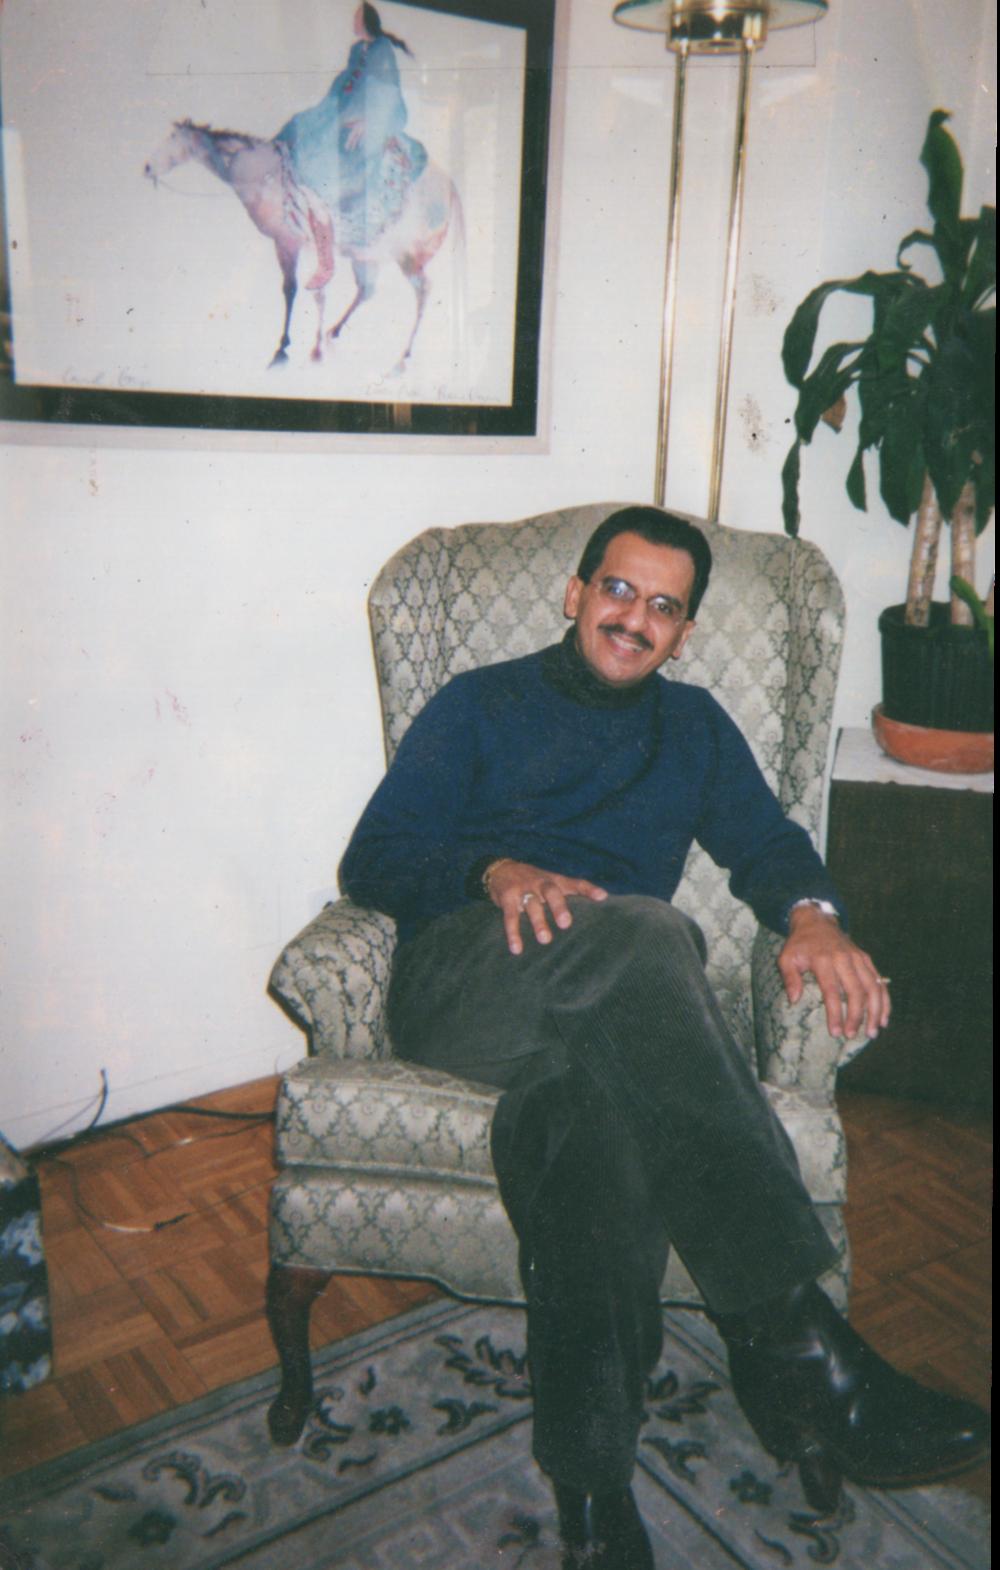 John Orlando Bermudez 10/19/1950- 7/7/2003